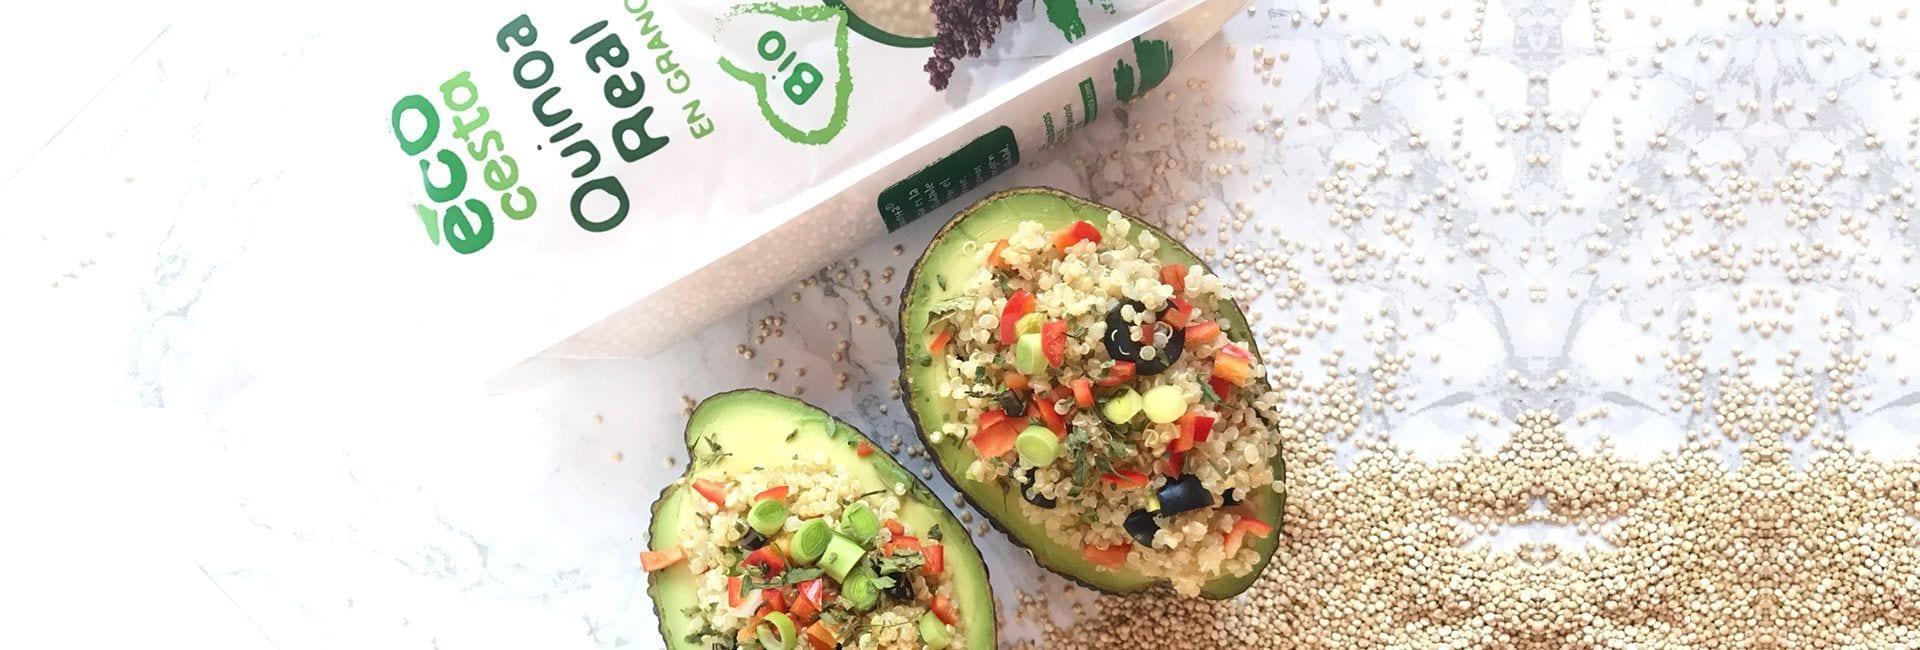 Aguacates rellenos de ensalada de quinoa real bio